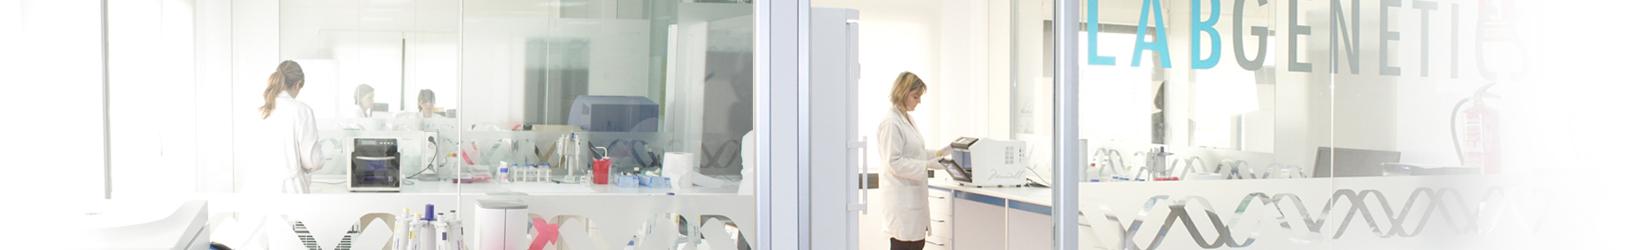 clinica de adn